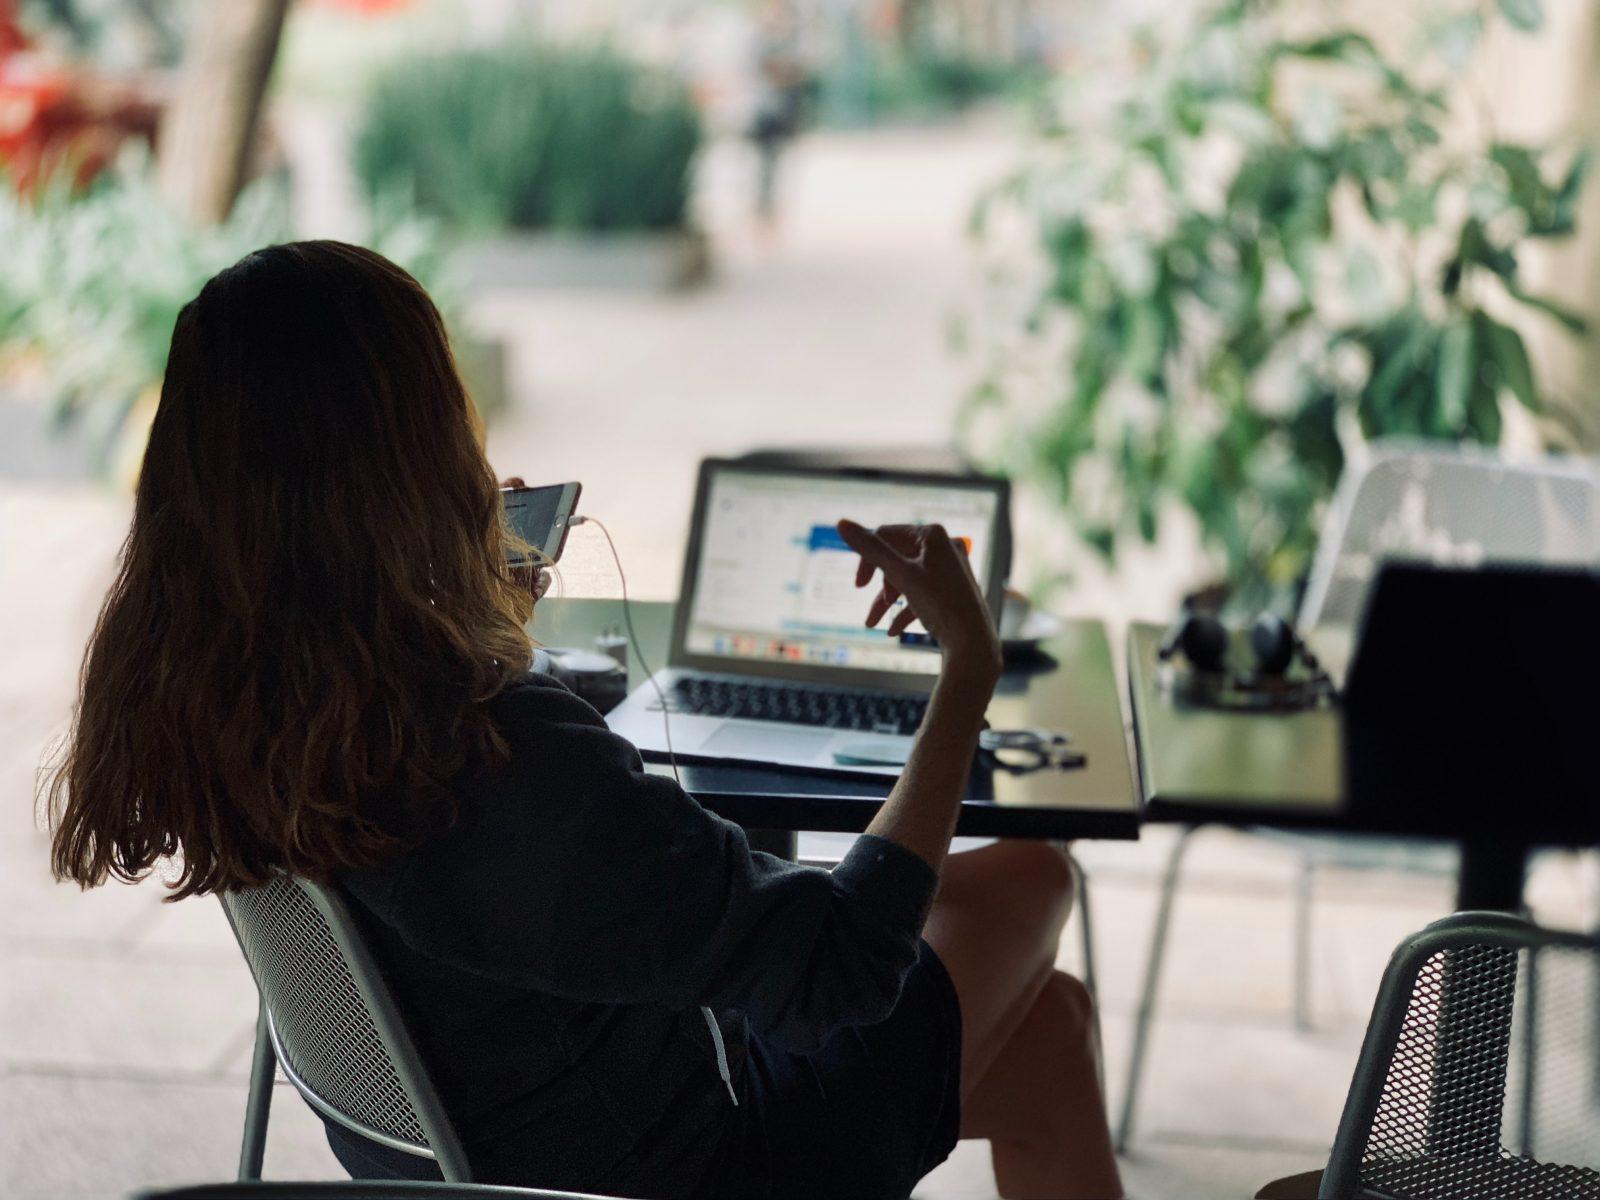 Ihminen istuu ulkona pöydän ääressä tietokoneen edessä varjossa.